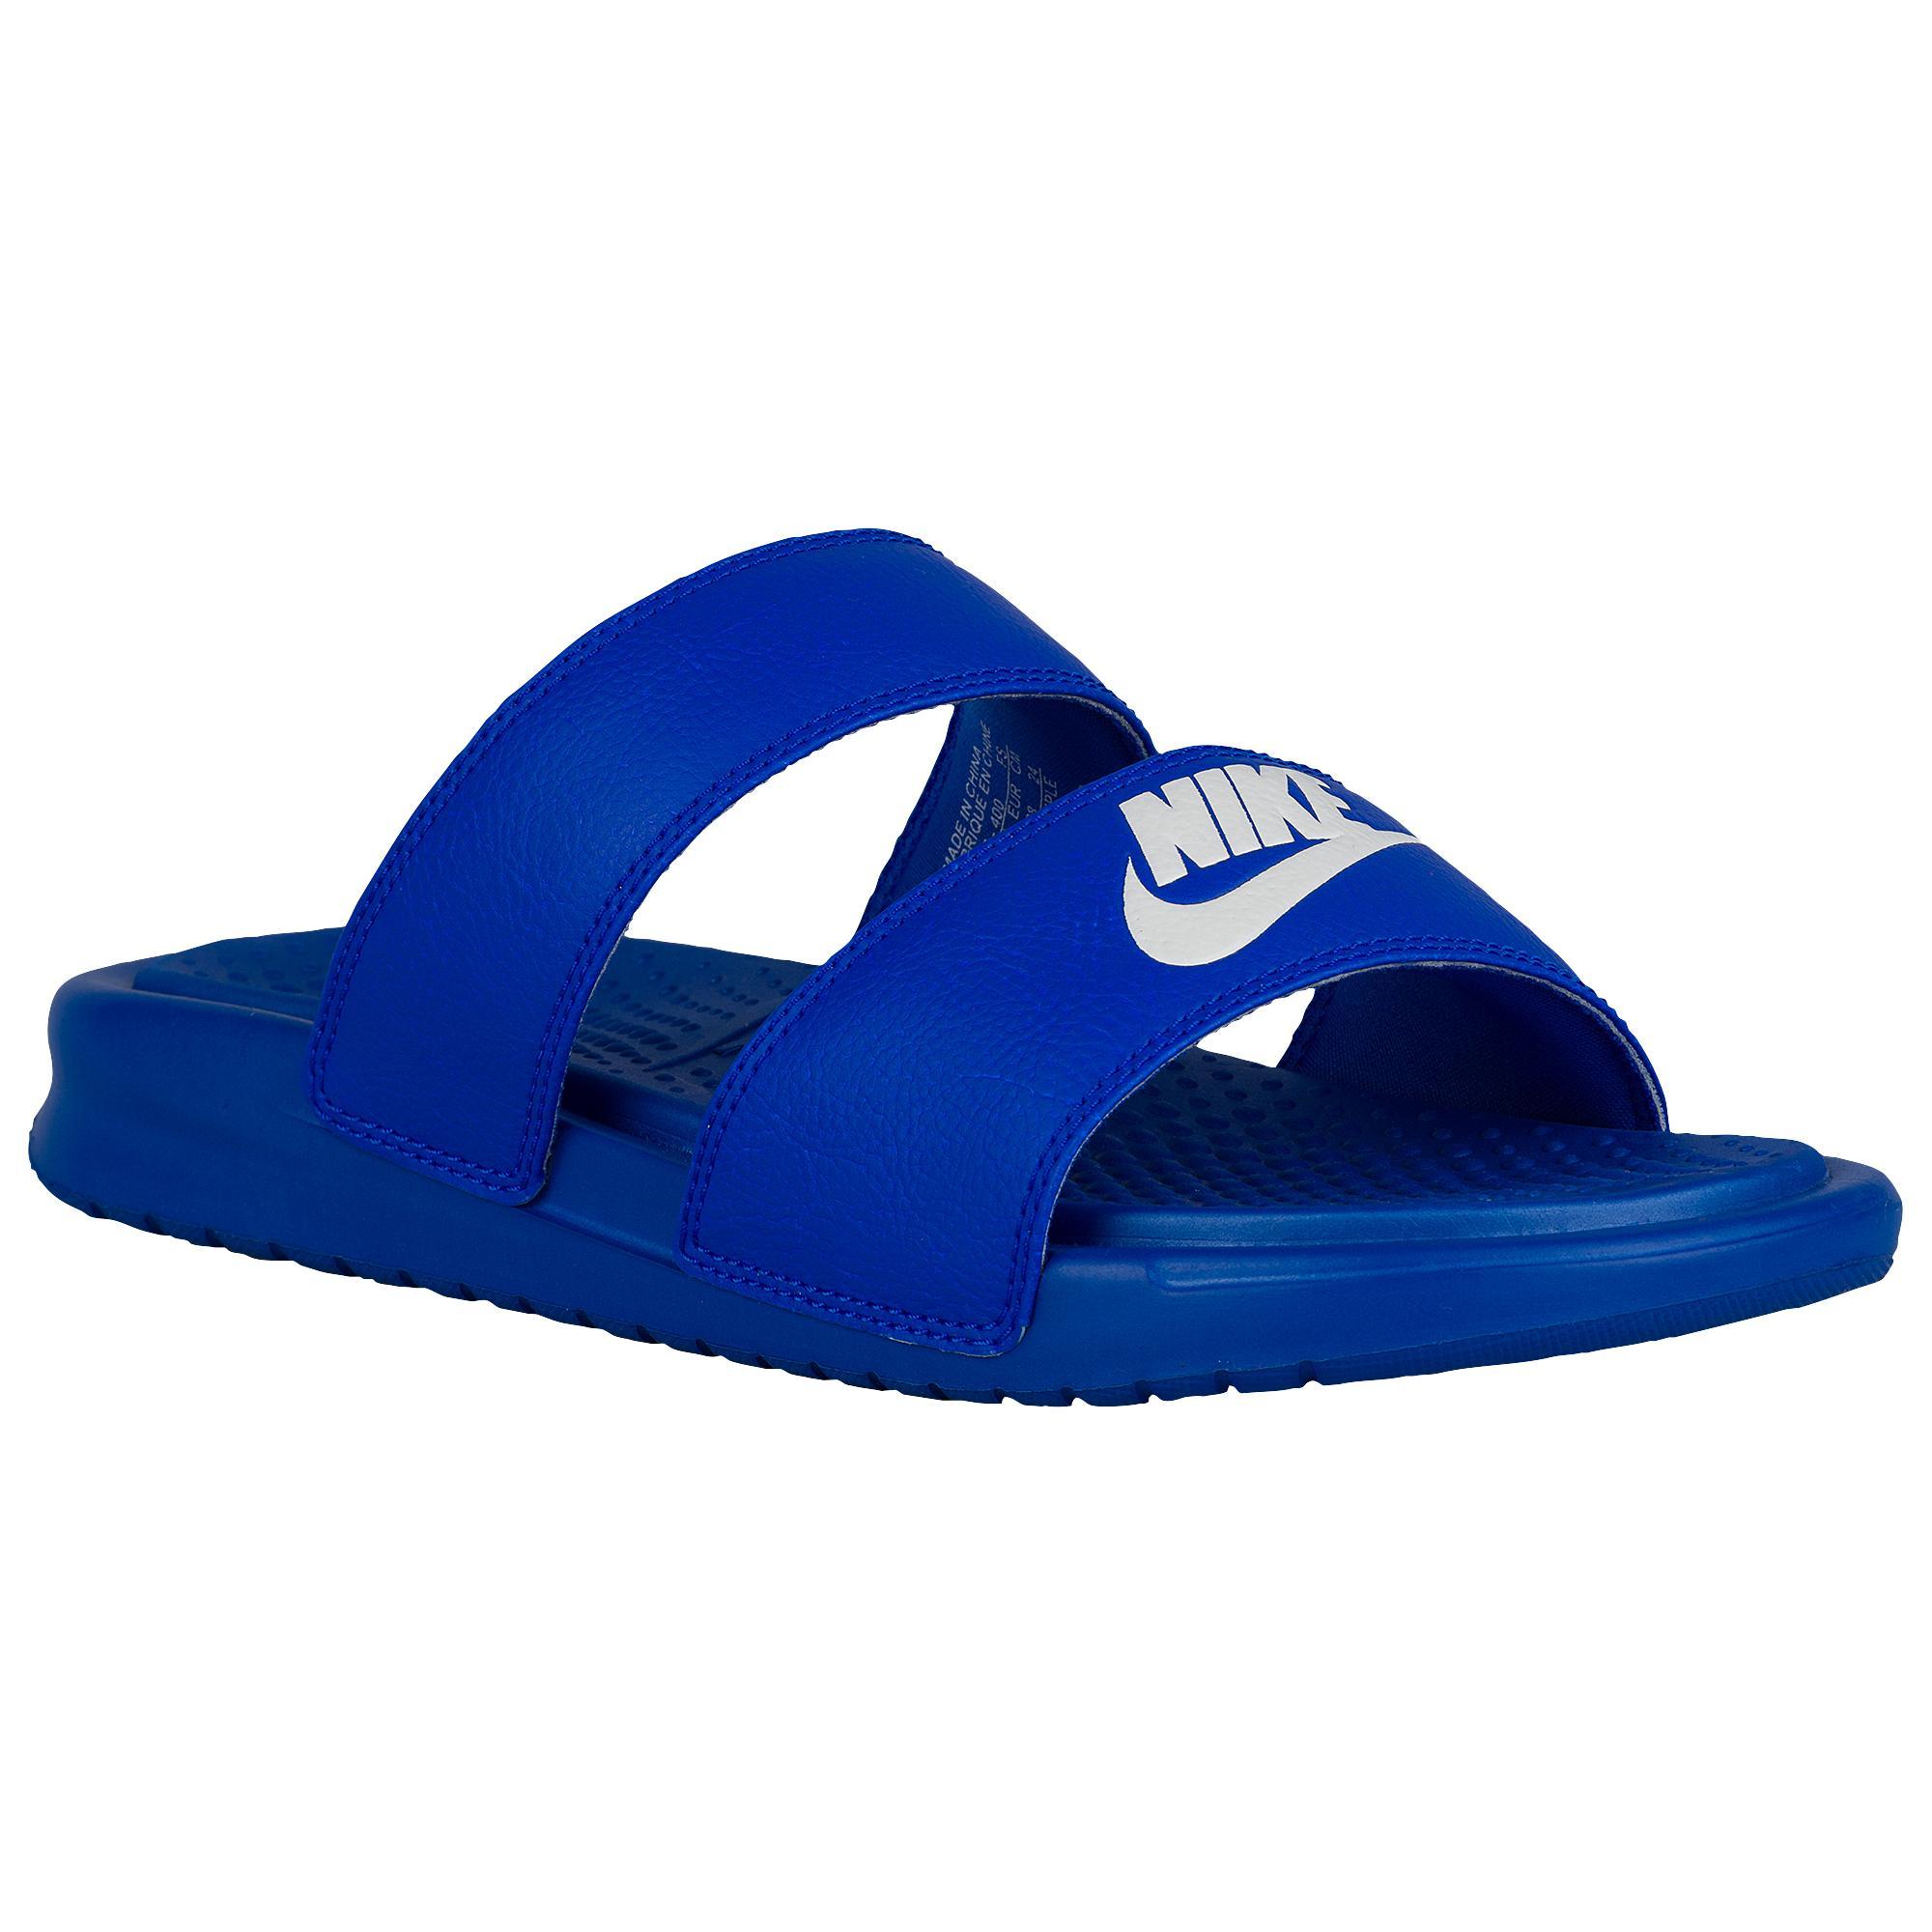 Lyst - Nike Benassi Duo Ultra Slide in Blue beb8a091309f